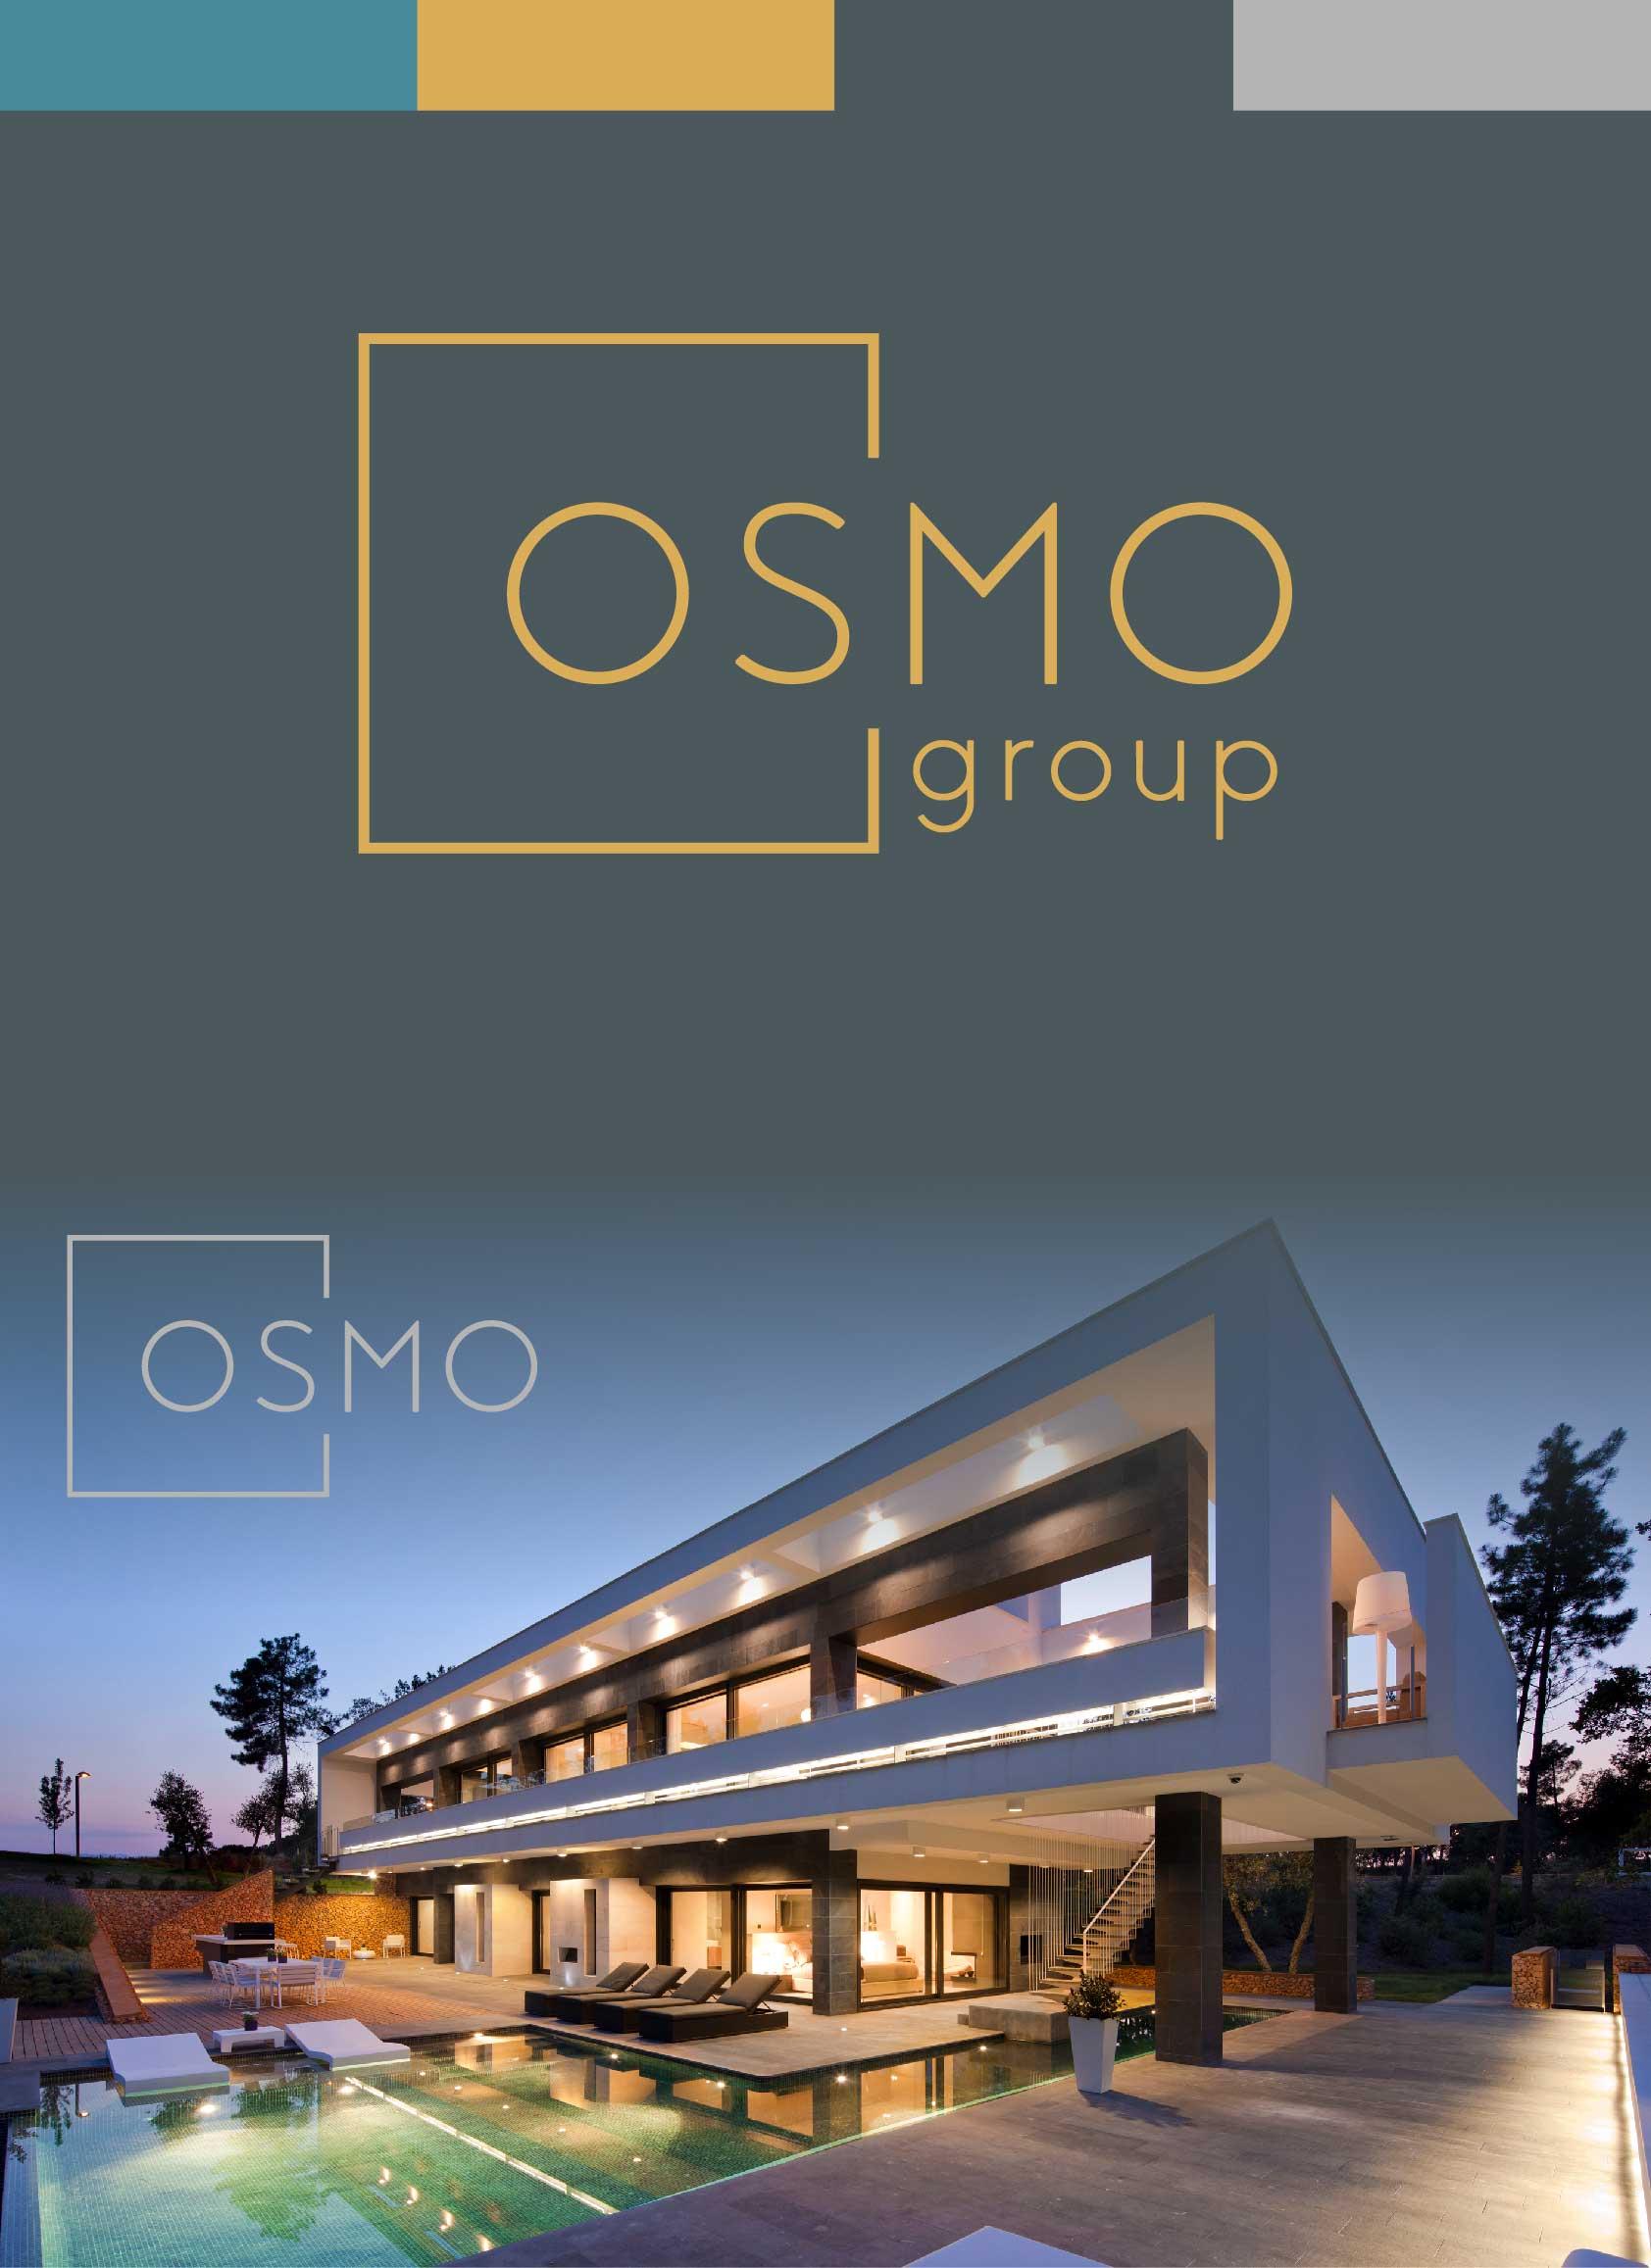 Создание логотипа для строительной компании OSMO group  фото f_48059b3df9a06e86.jpg